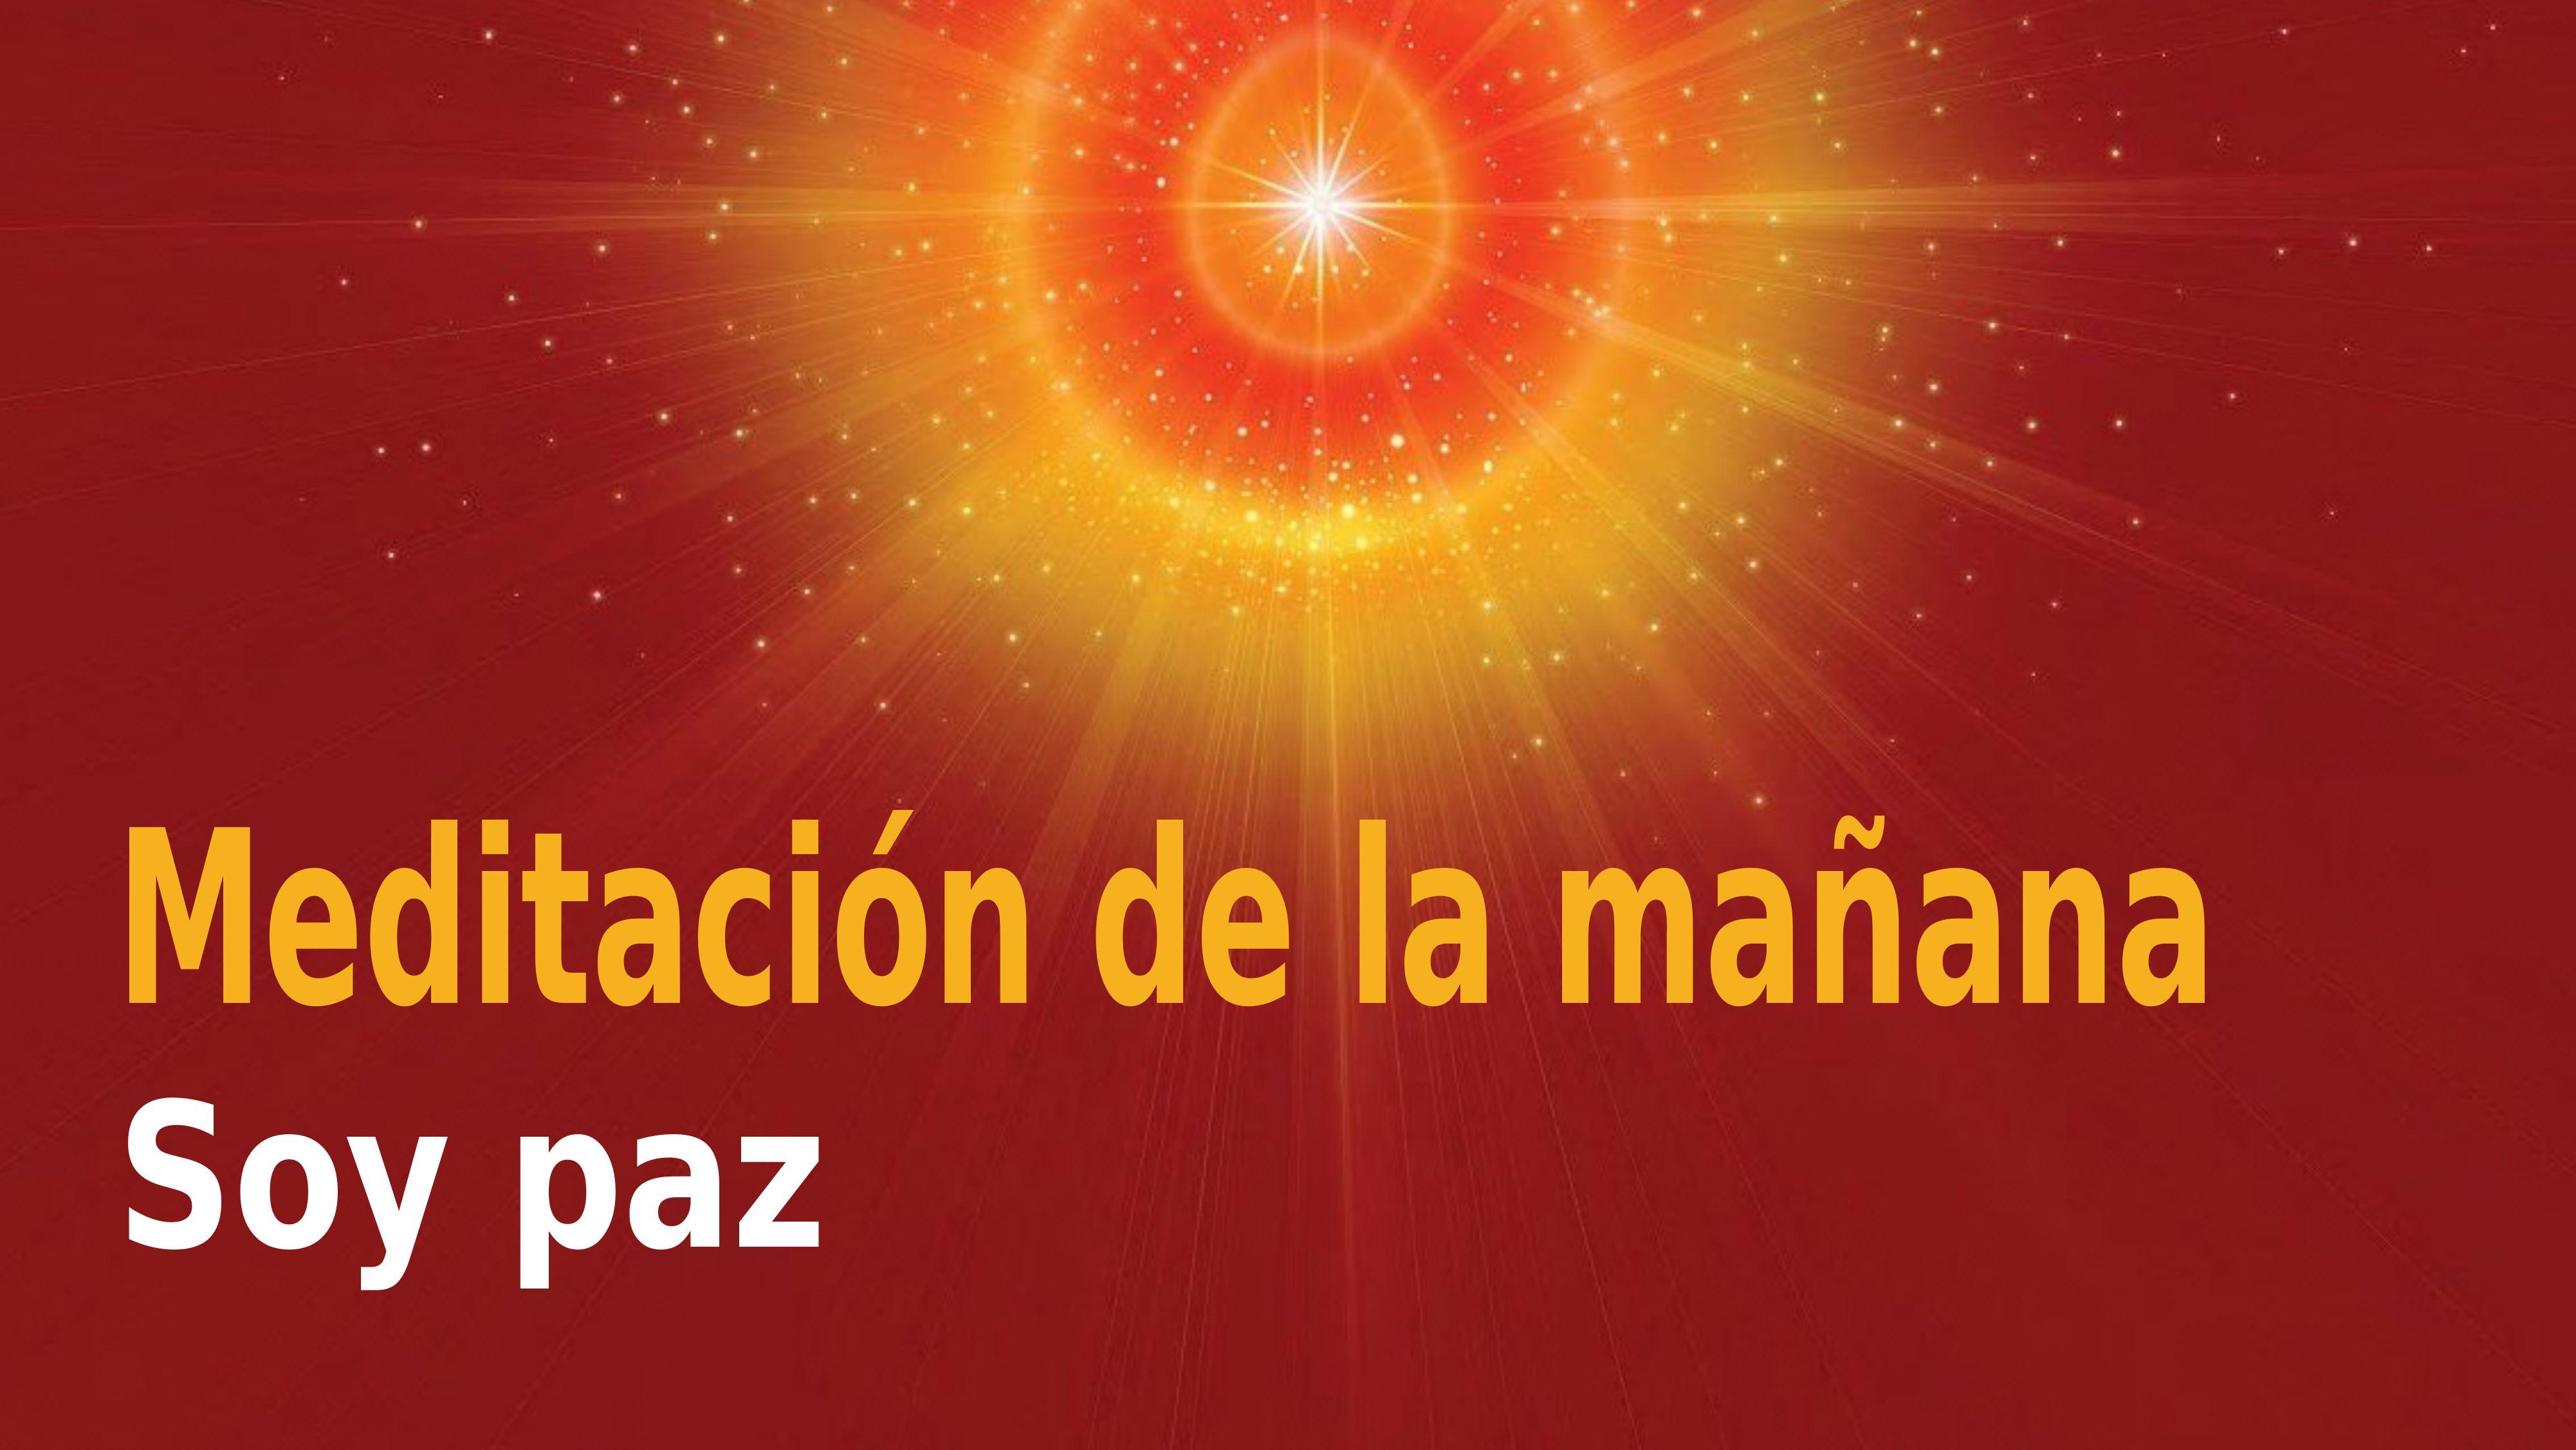 Meditación Raja Yoga de la mañana: Soy paz (17 Noviembre 2020)